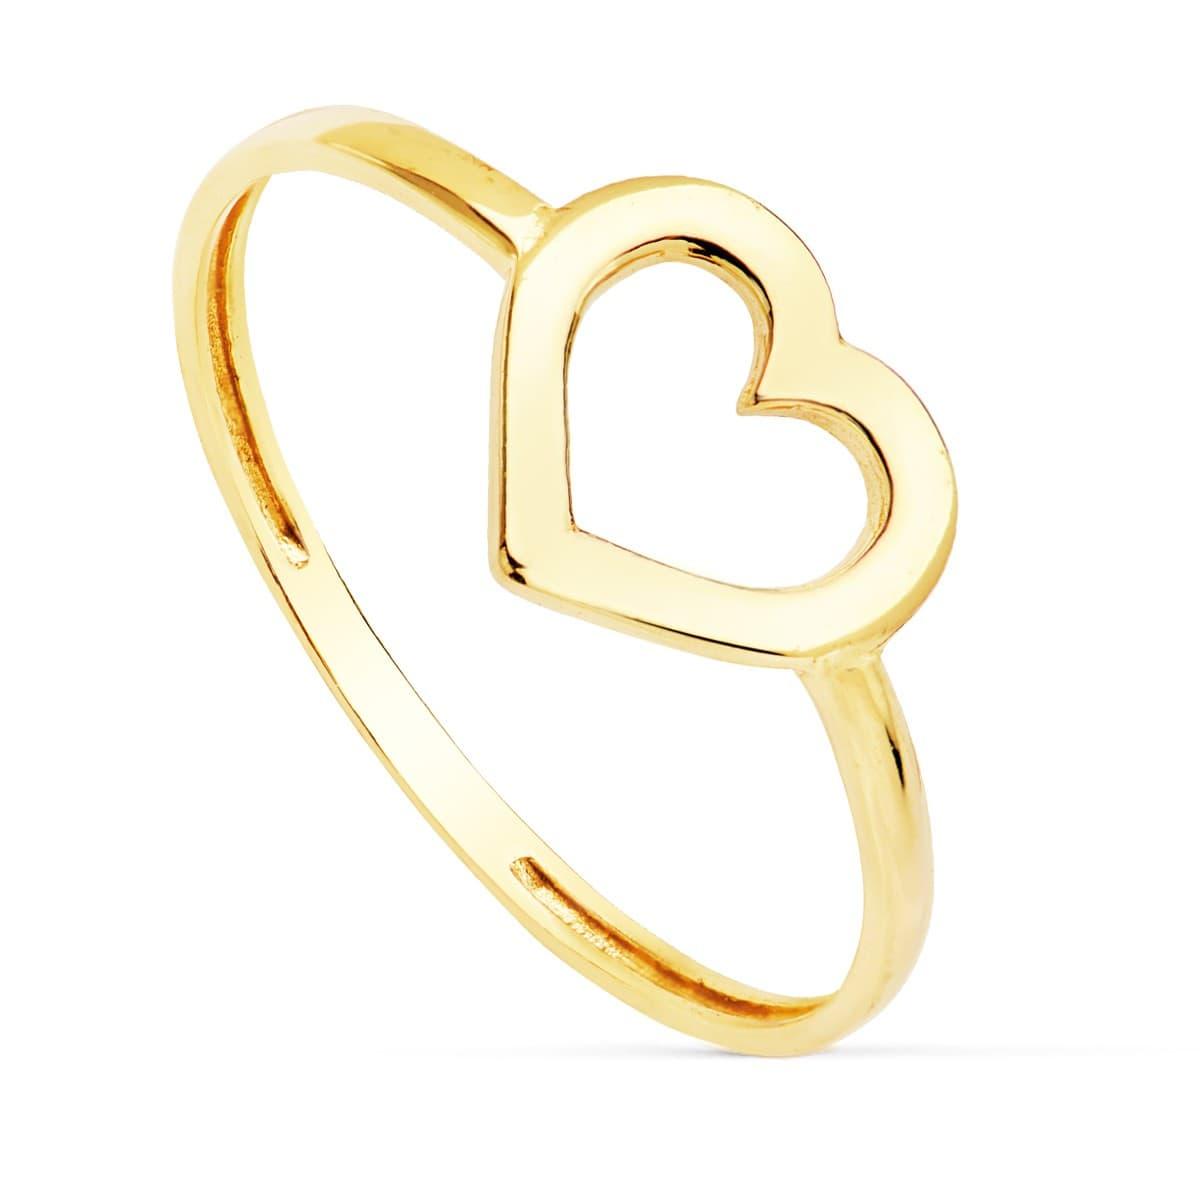 ed0c1f622709 Anillo mujer Oro Amarillo 18K Corazon Lucy sortija slim minimal moda ...